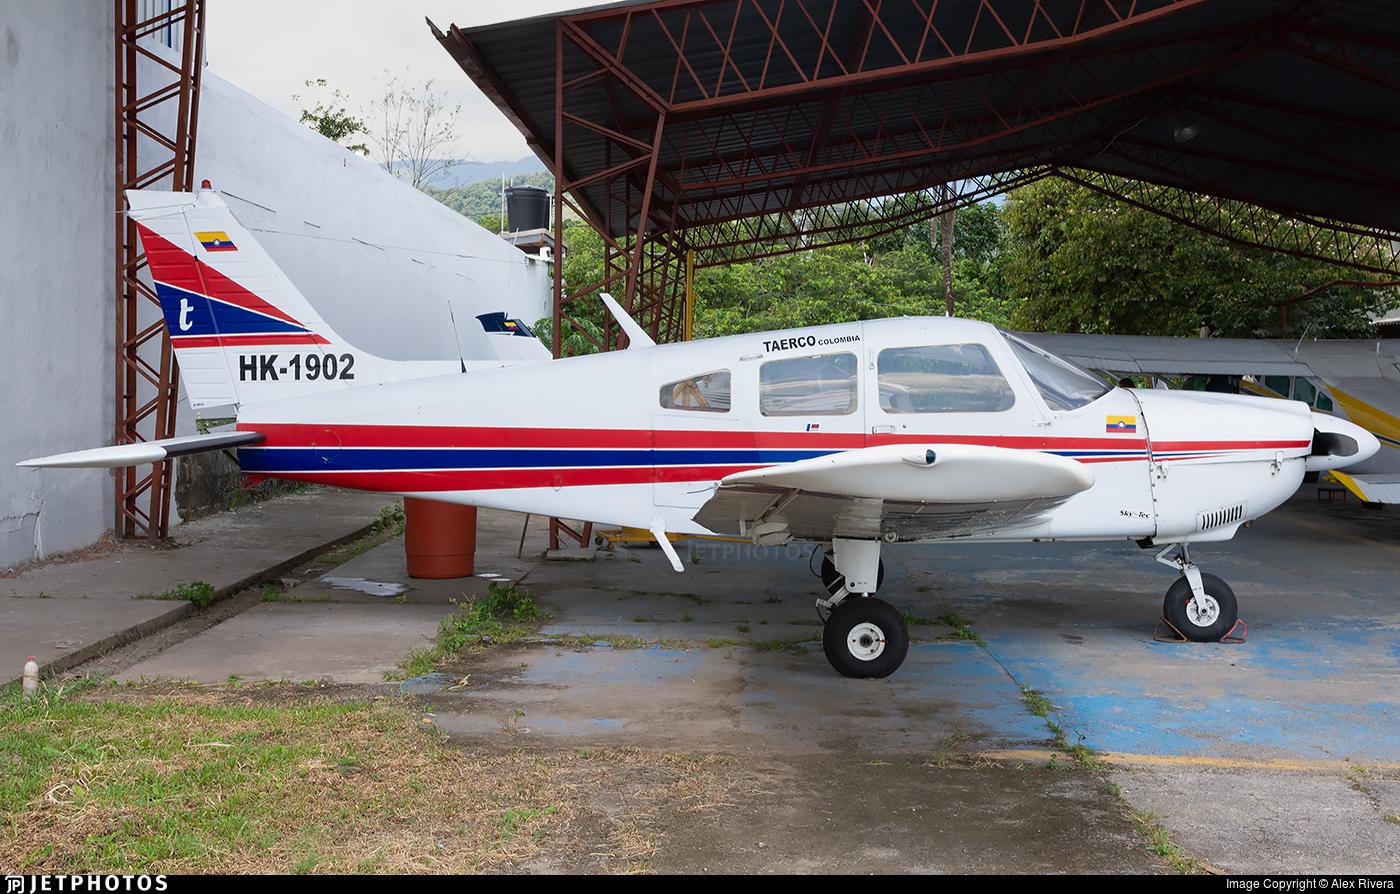 HK-1902 - Piper PA-28-181 Archer - TAERCO - Taxi Aereo Colombiano